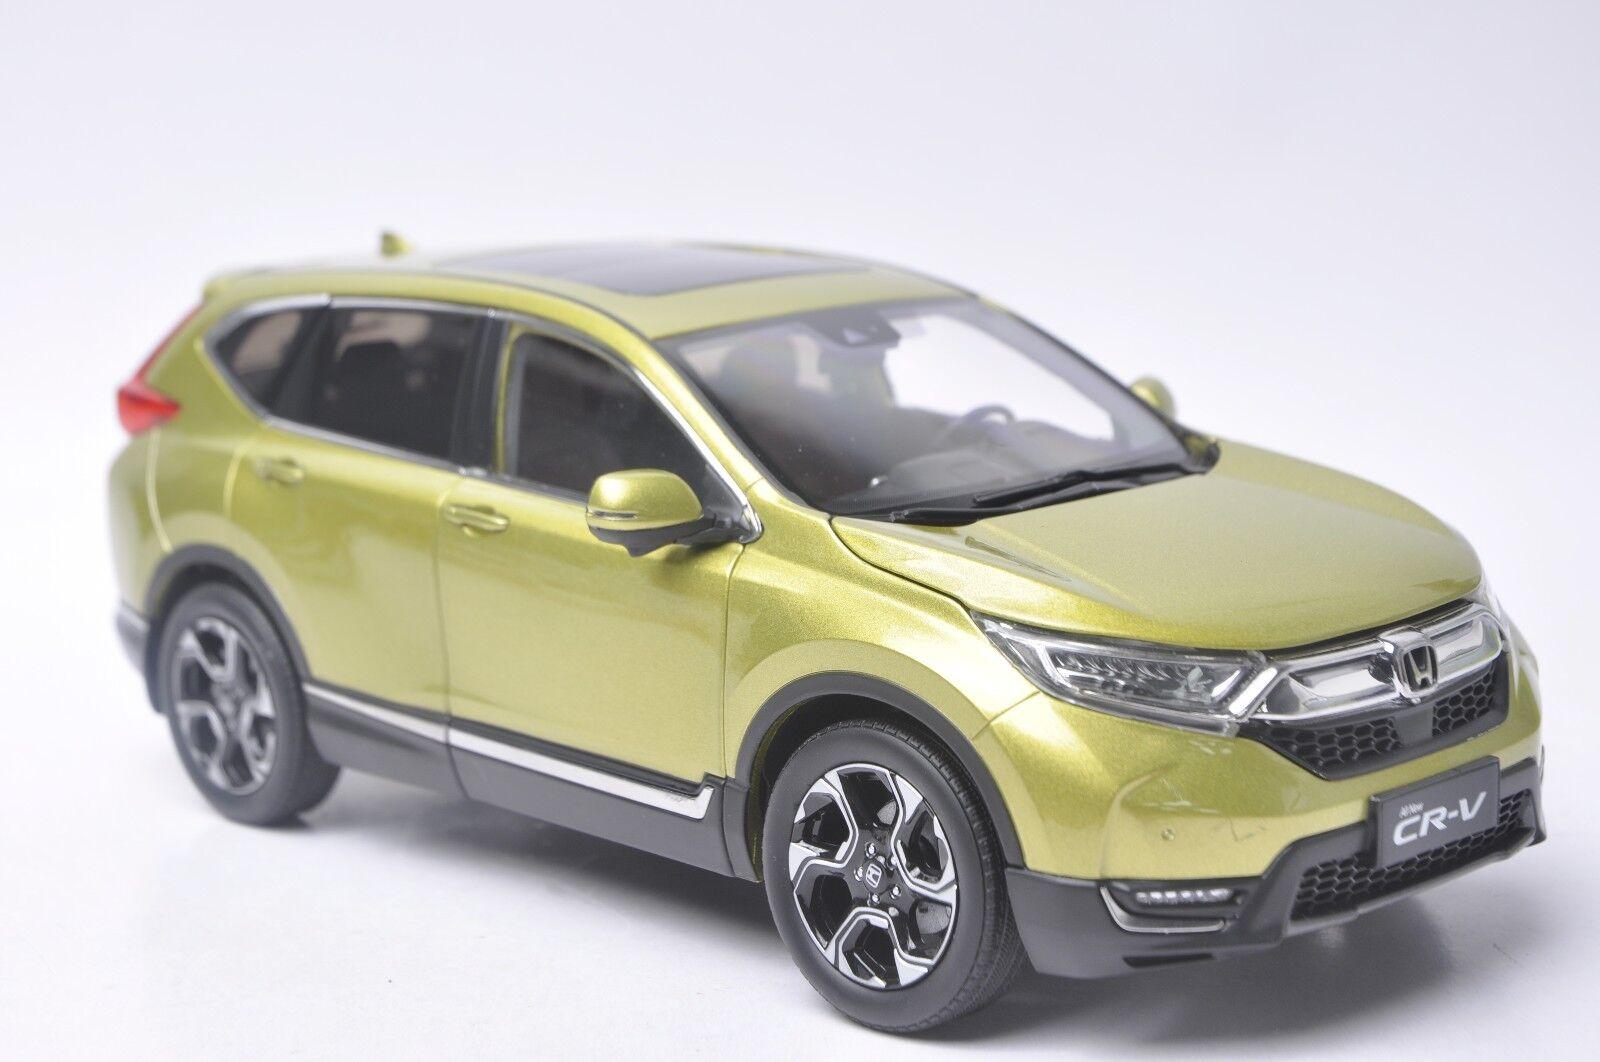 Honda CR-V 2017 véhicule utilitaire sport modèle à l'échelle 1 18 jaune